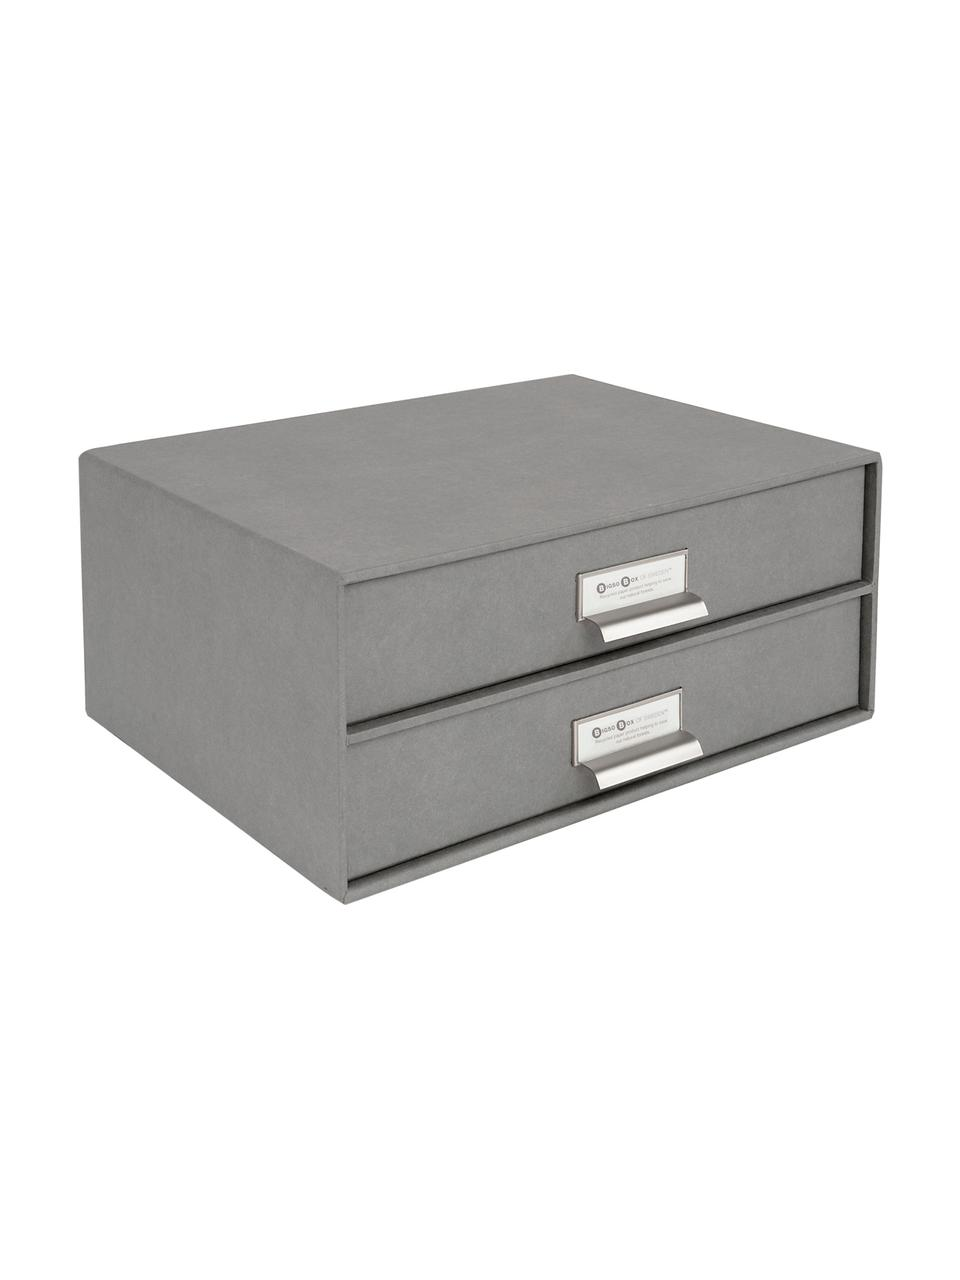 Organizer da ufficio Birger, Organizer: solido cartone laminato, Organizer all'esterno: grigio chiaro Organizer all'interno: bianco, Larg. 33 x Alt. 15 cm